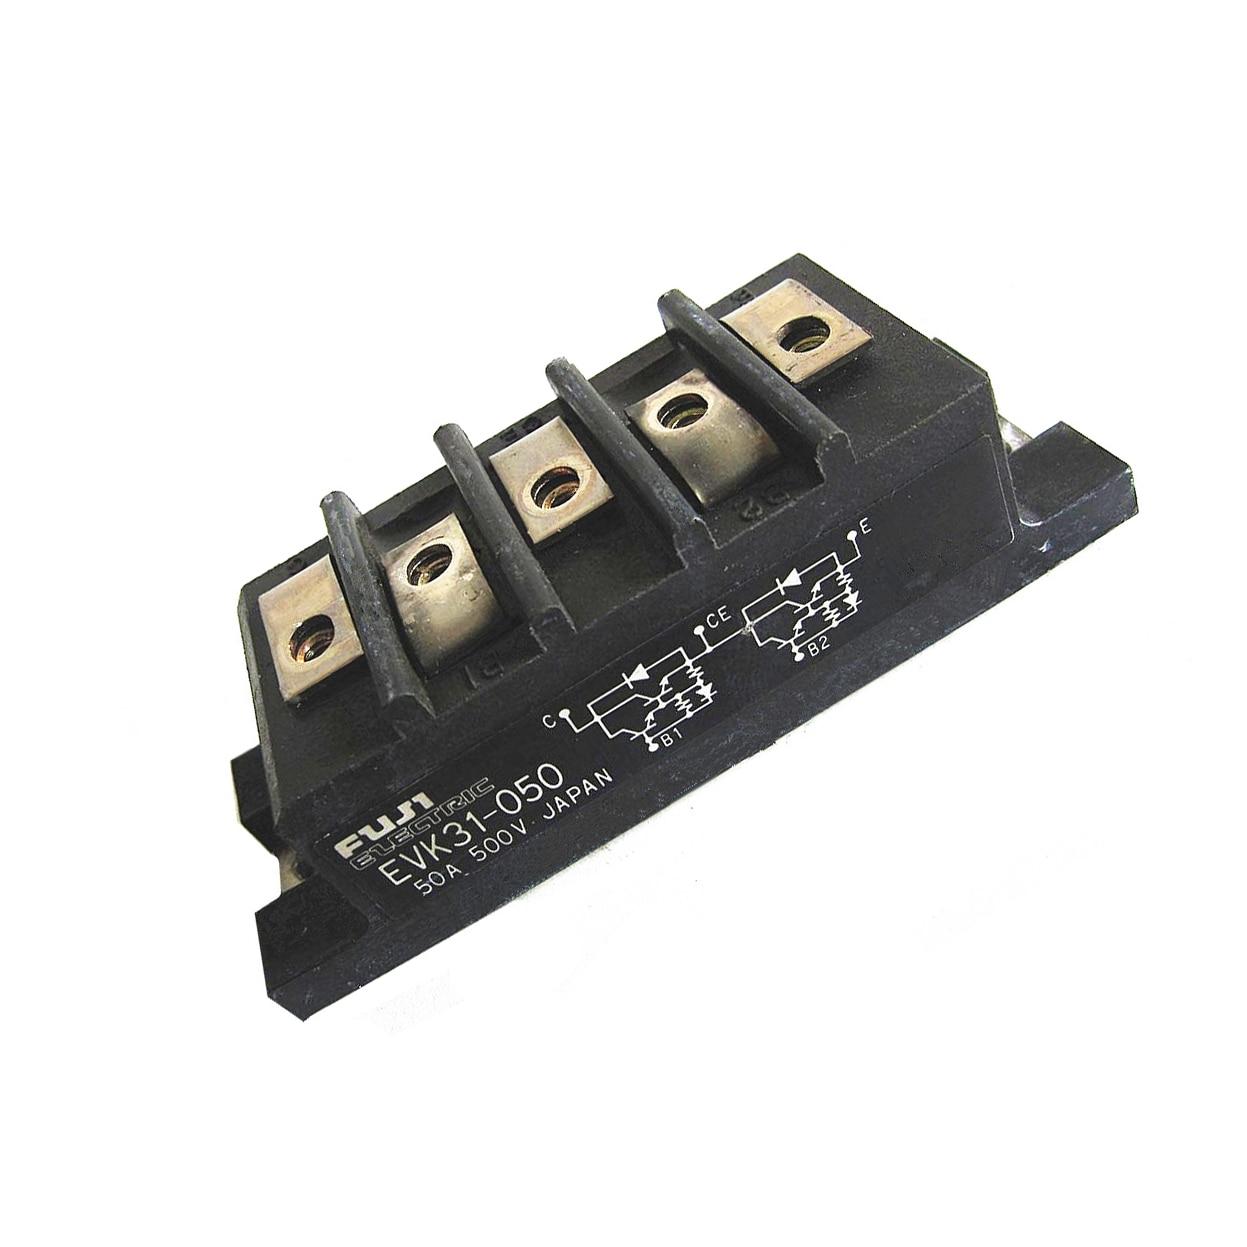 EVL31-050 módulo 50a 500v evl 31-050 igbt bipolar transistor módulos classificação e especificações evl31050